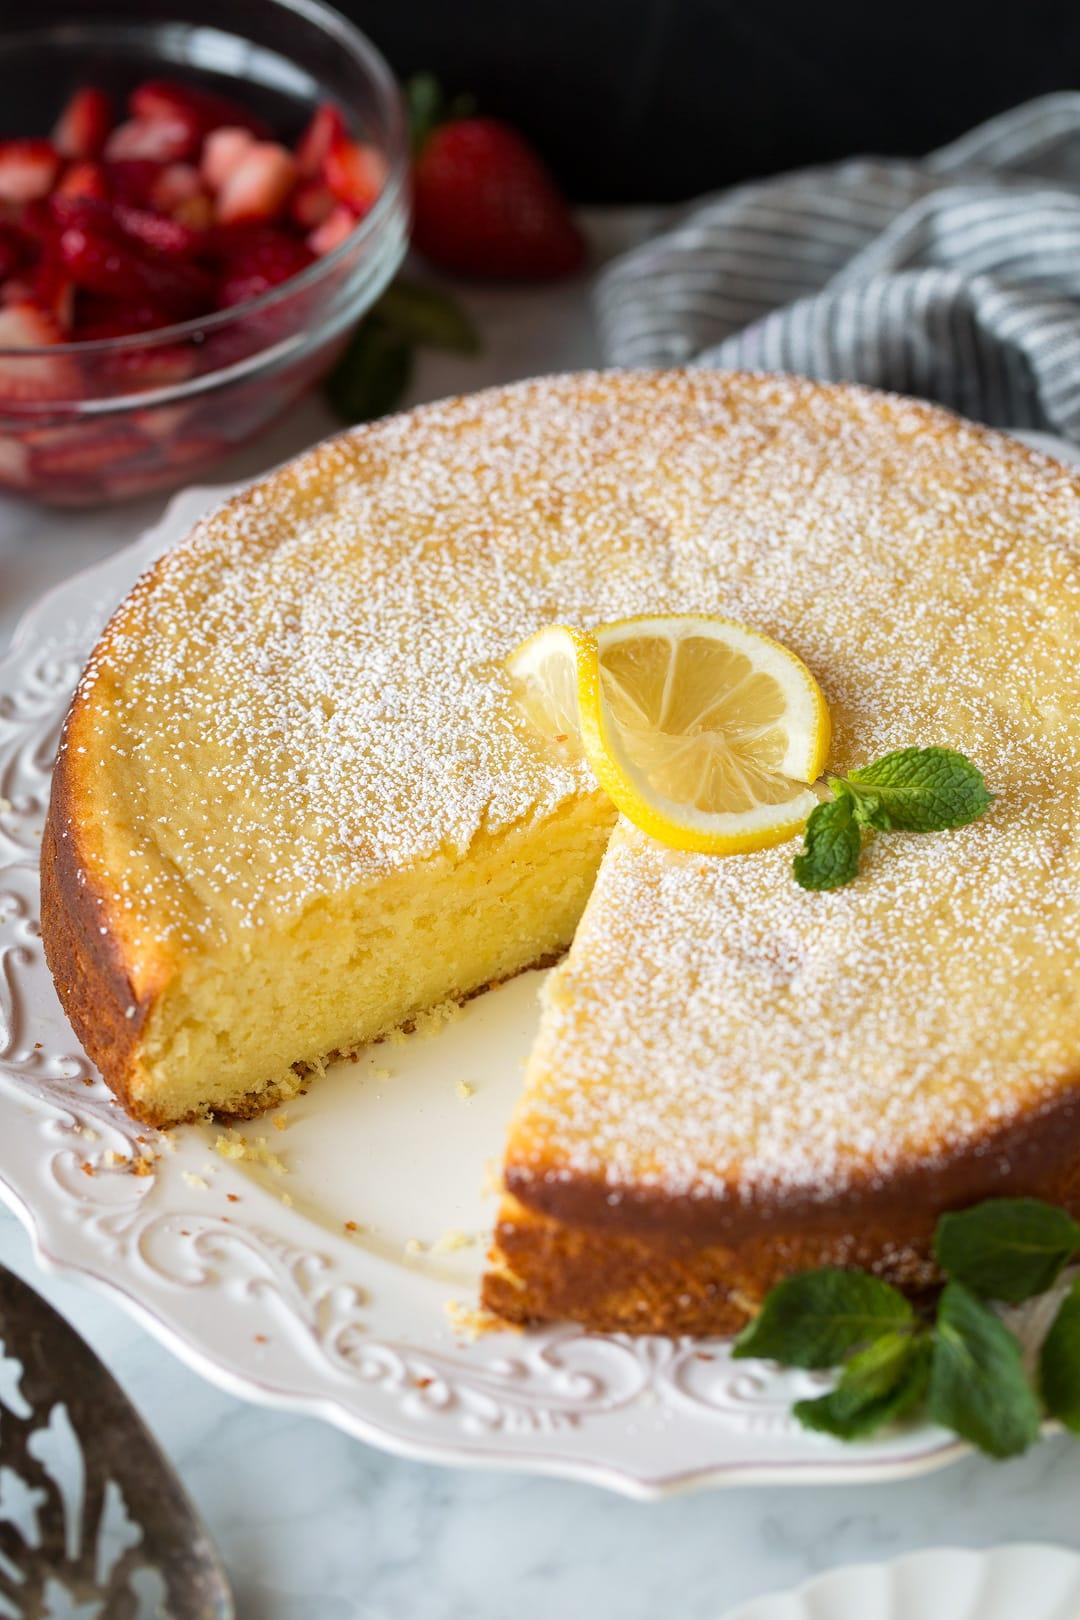 How To Make Moist Fluffy Cake